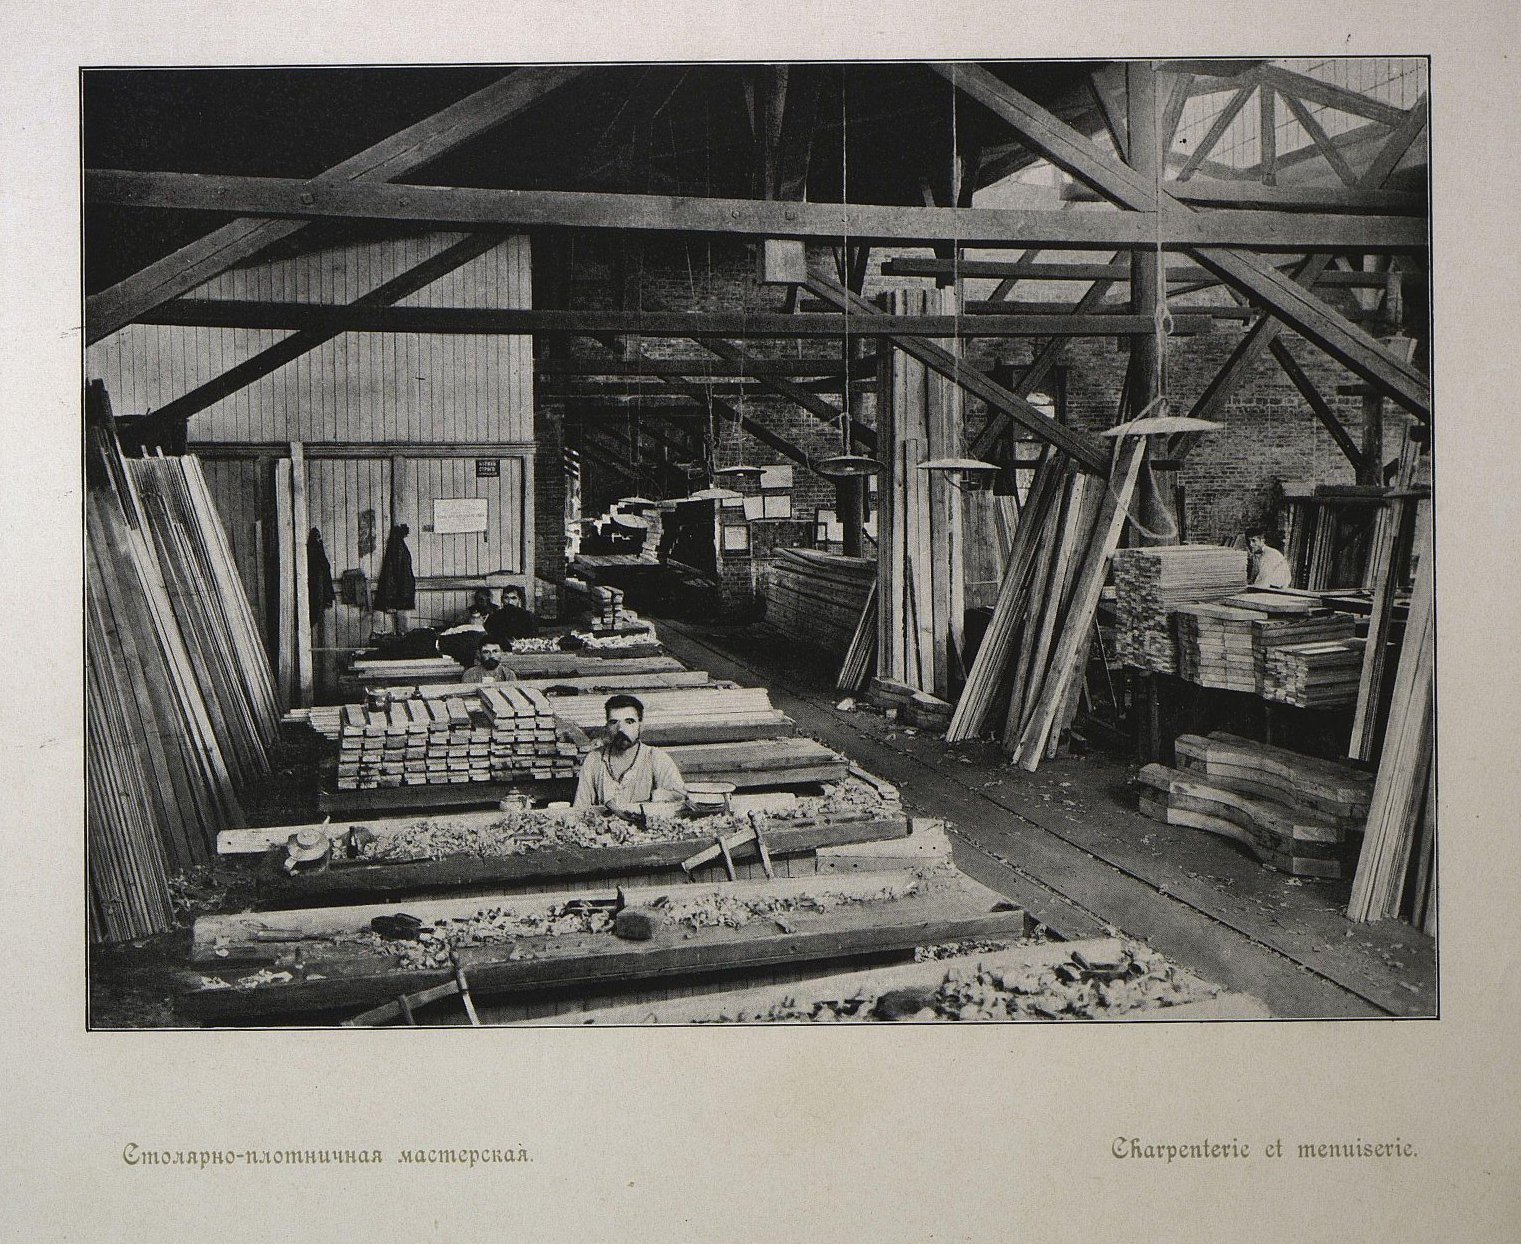 Столярно-плотничная мастерская